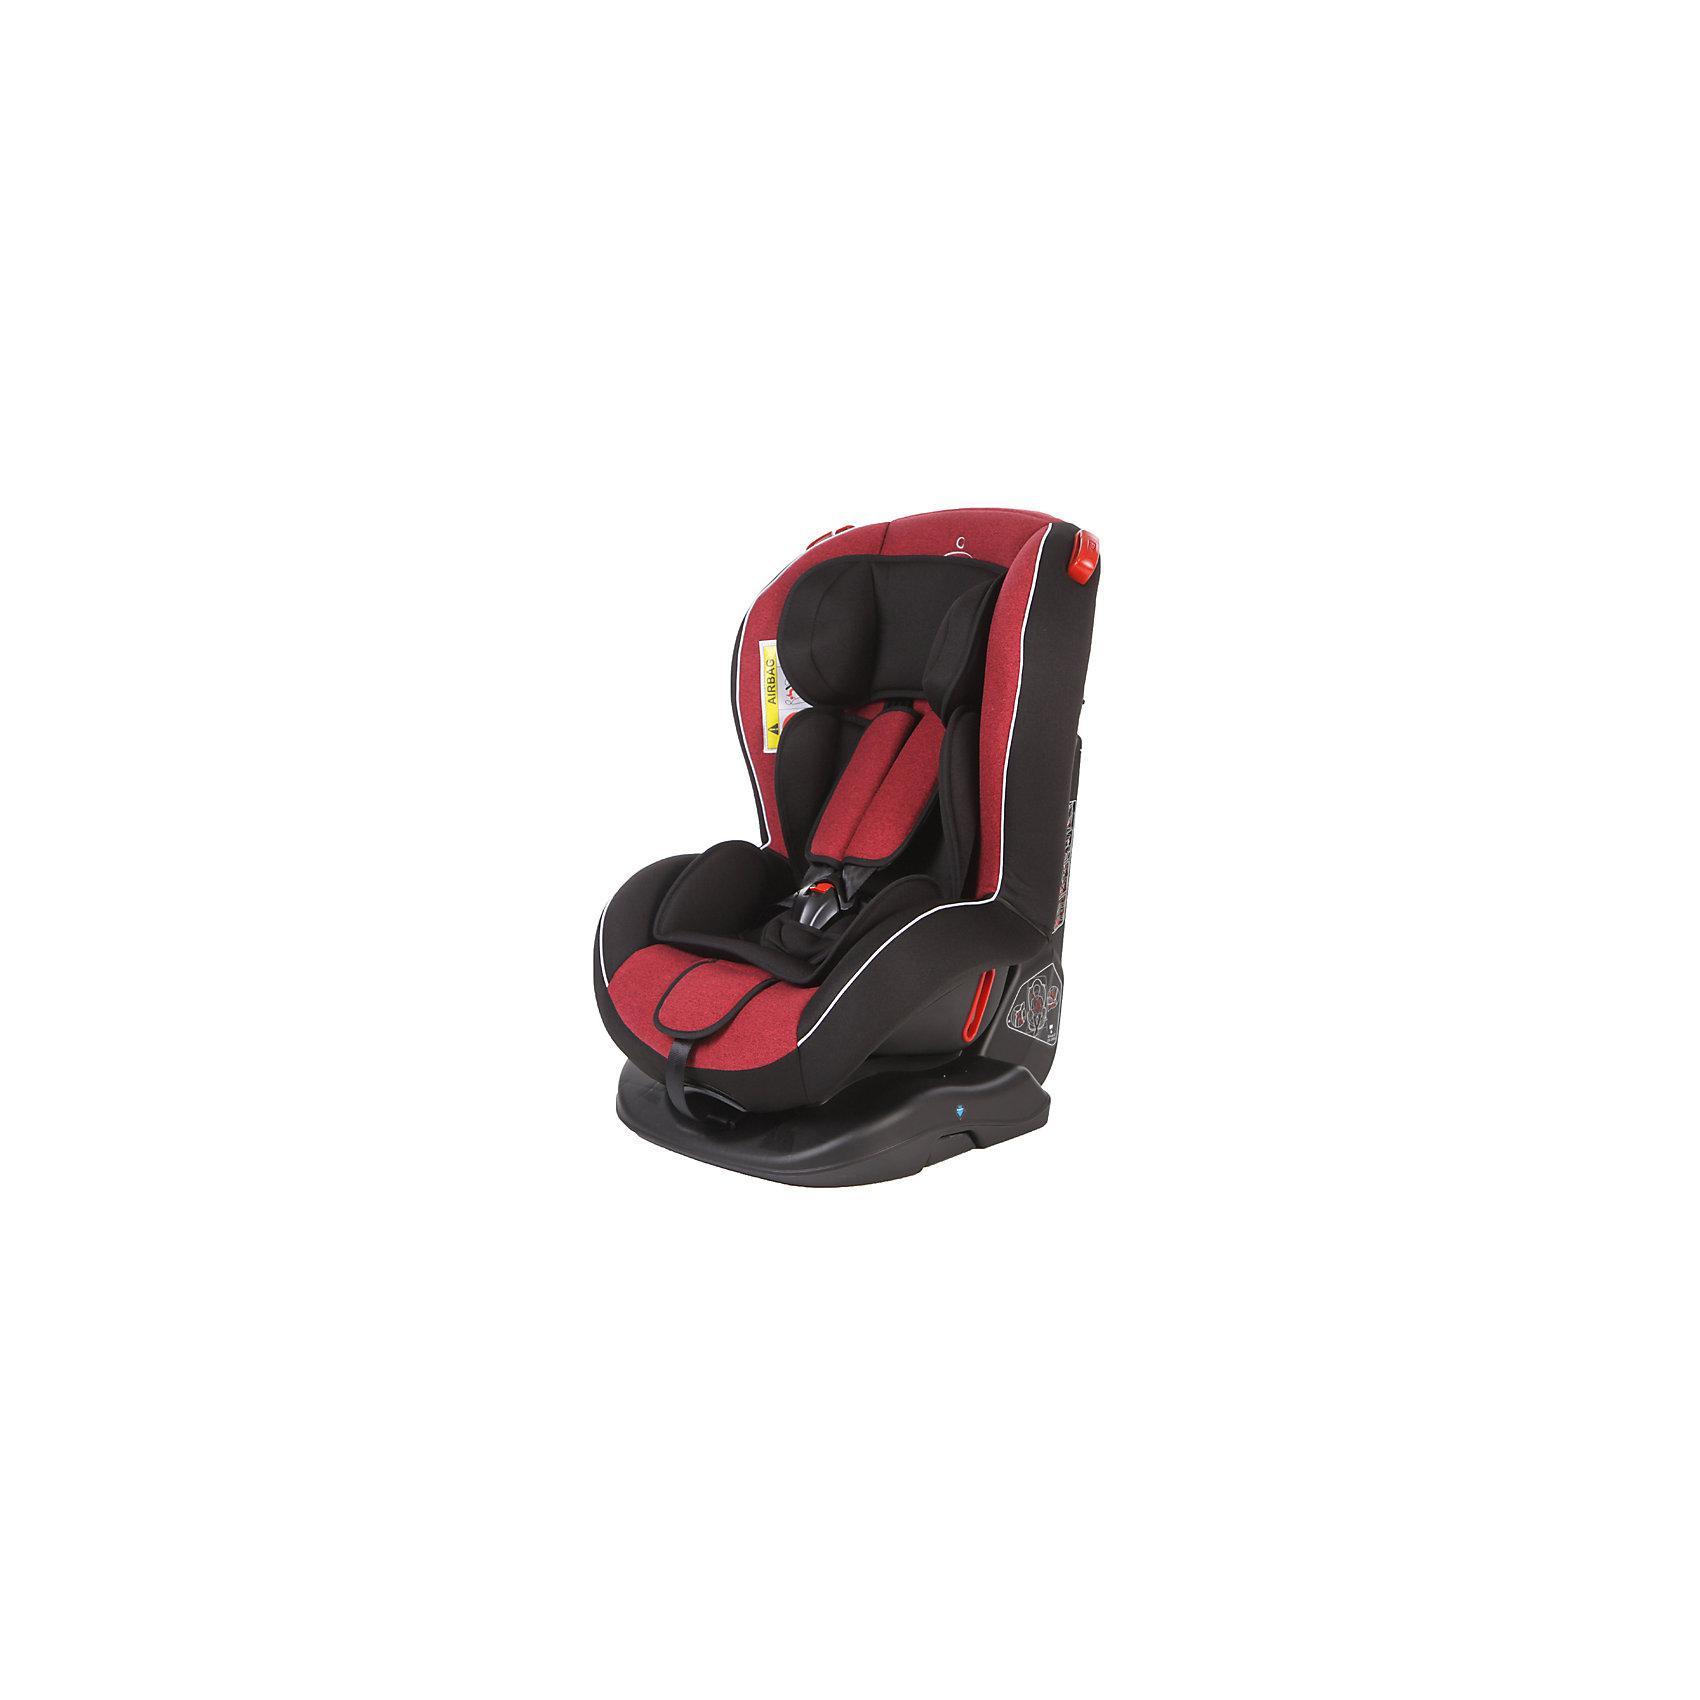 Фото Baby Care Автокресло Basic Evolution 0-25 кг, Baby Care, красный/чёрный